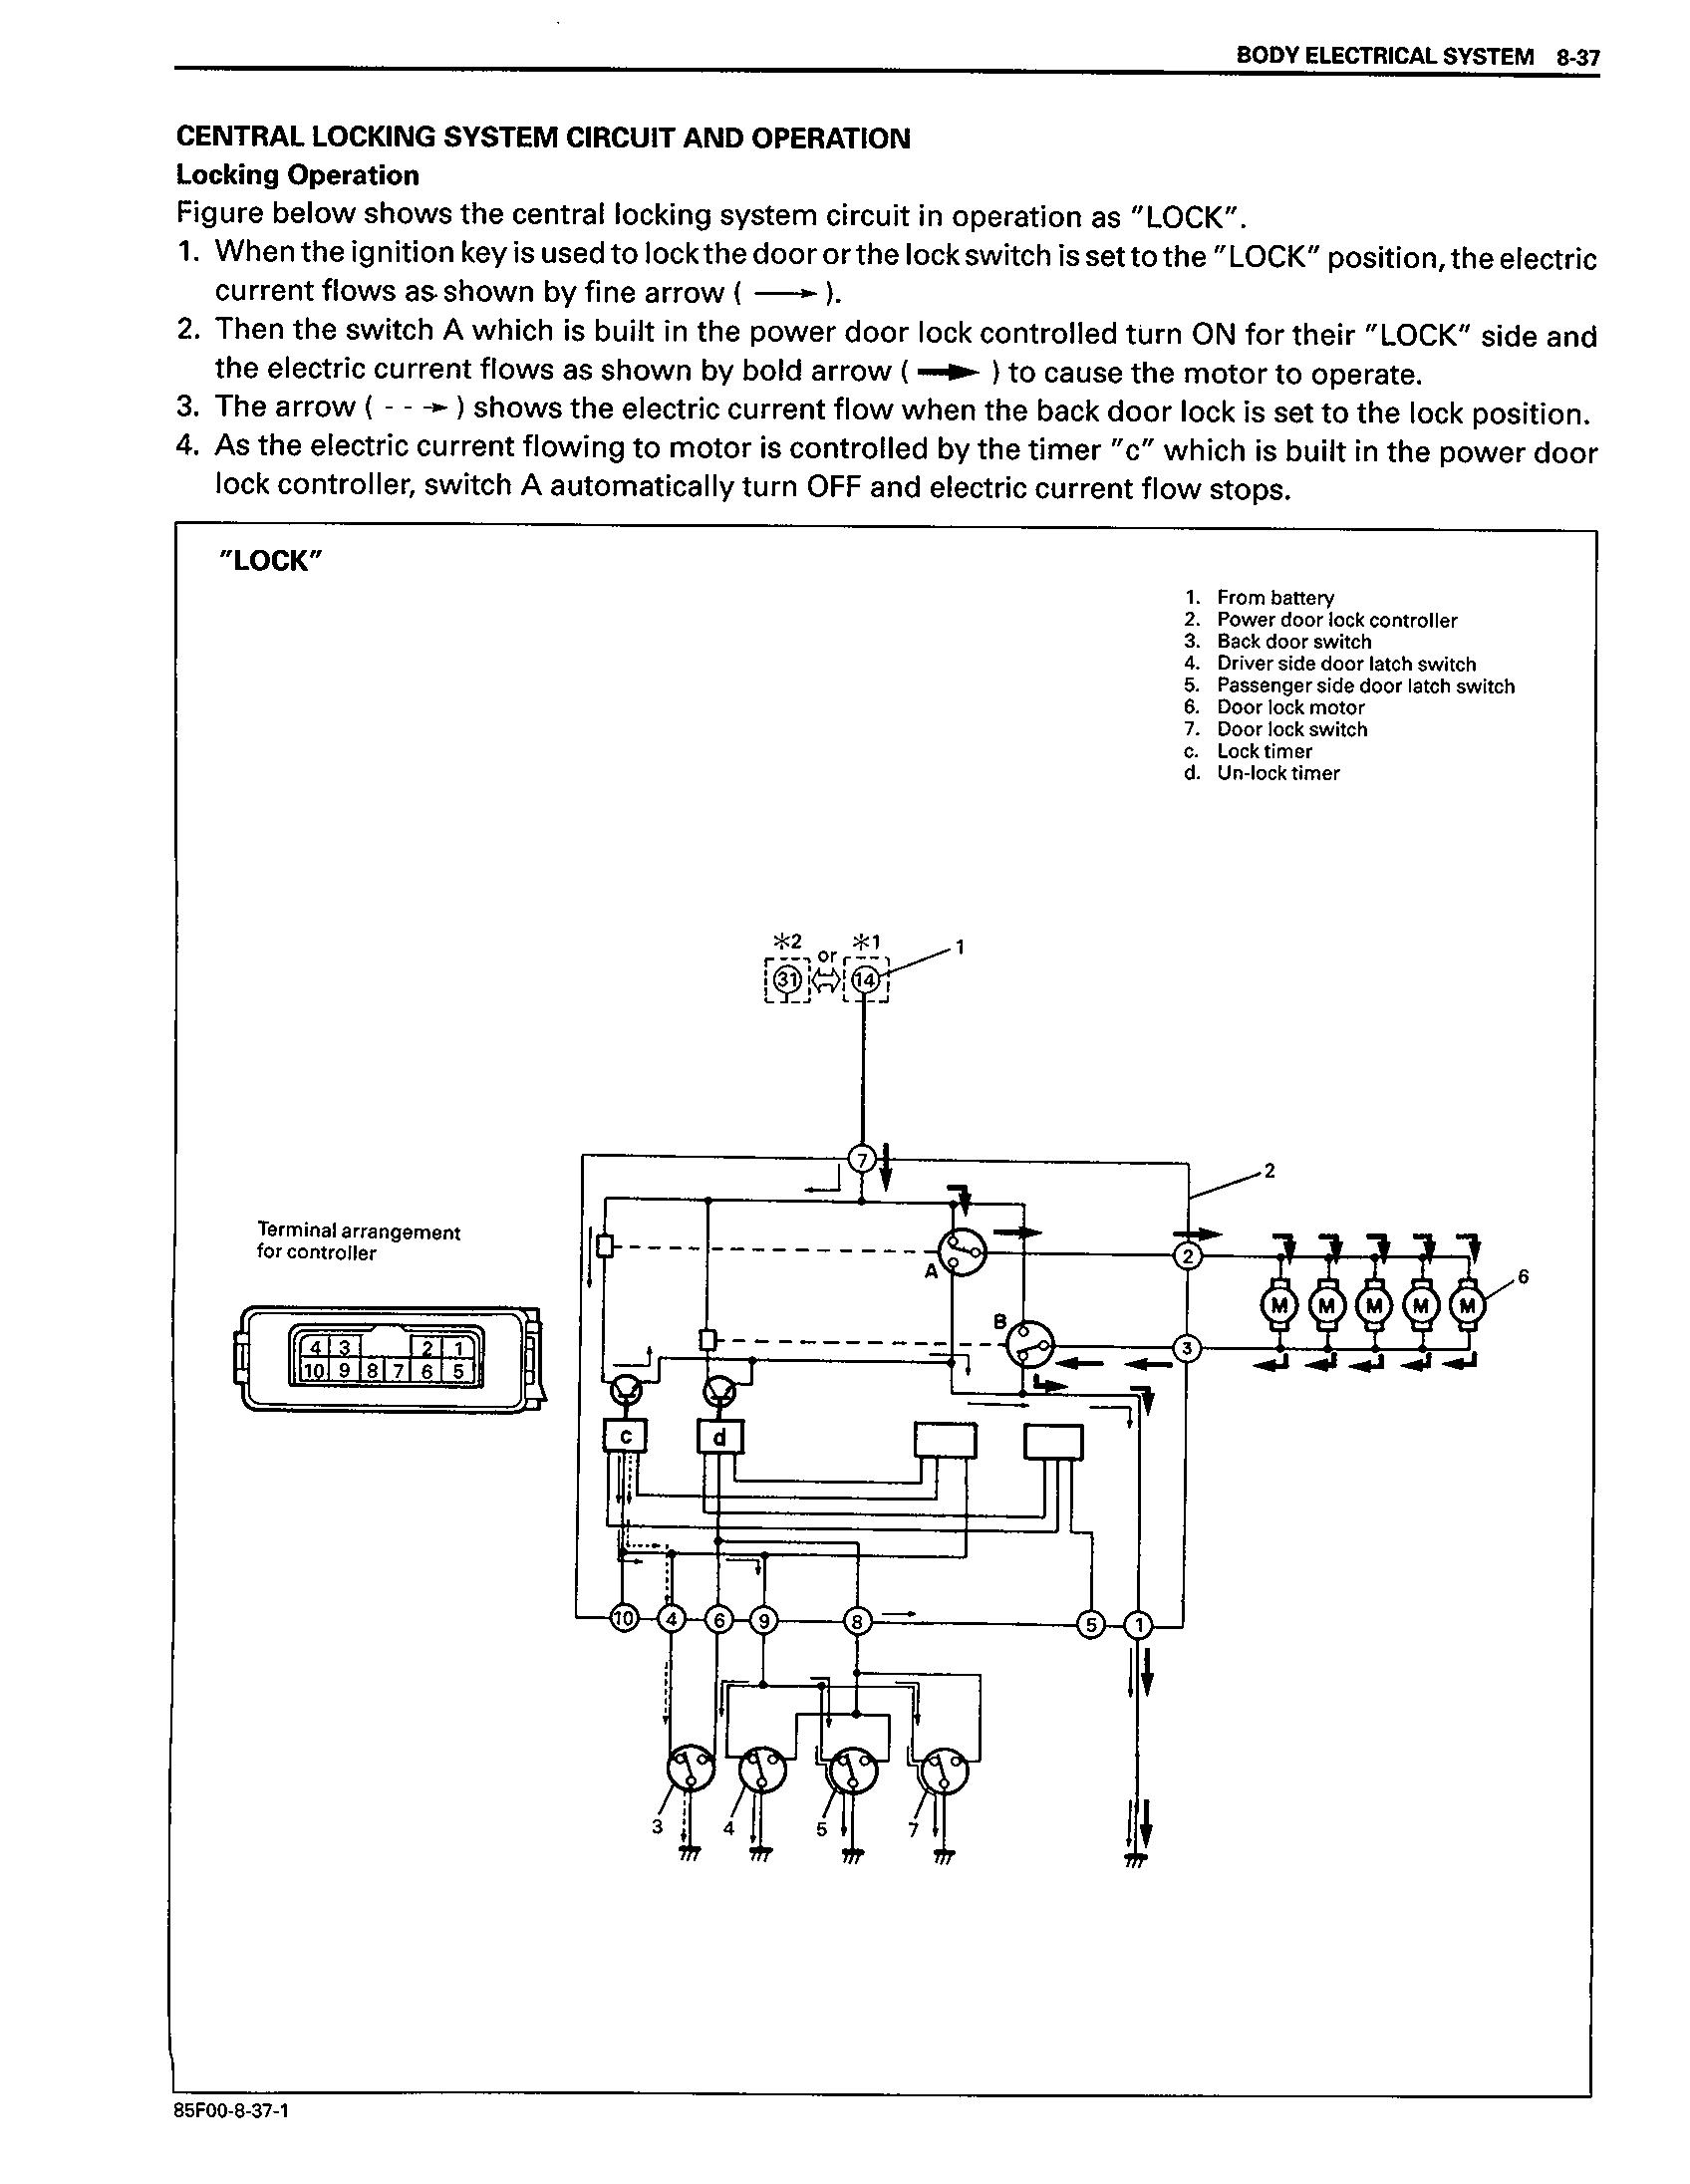 [SCHEMATICS_48IS]  1998 Vitara V6 Wiring diagram - Suzuki Club UK | Vitara Central Locking Wiring Diagram |  | Suzuki Club UK